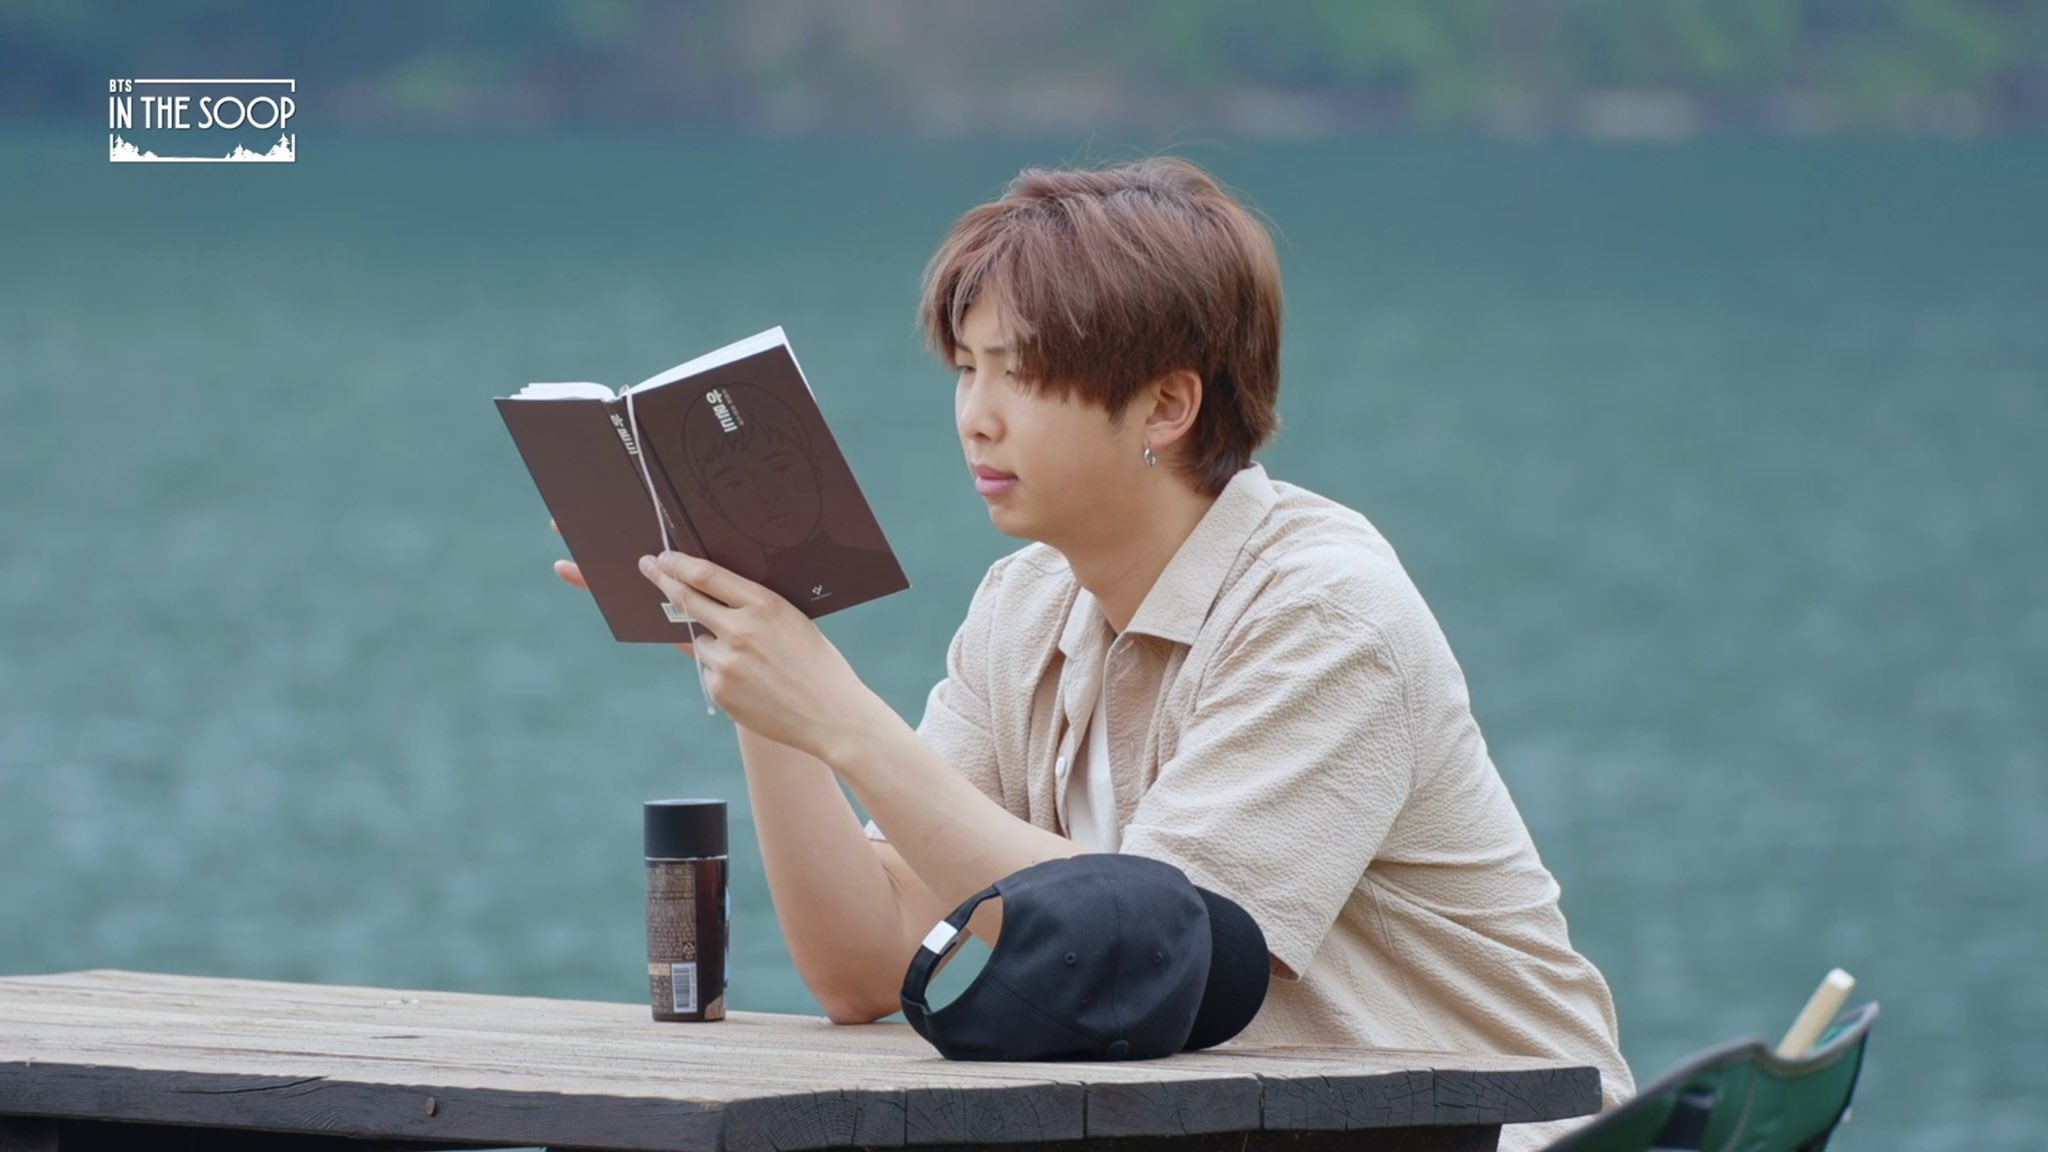 นัมจุน (RM - BTS) กำลังอ่านหนังสืออัลมอนด์ Almond ในรายการ In The Soop